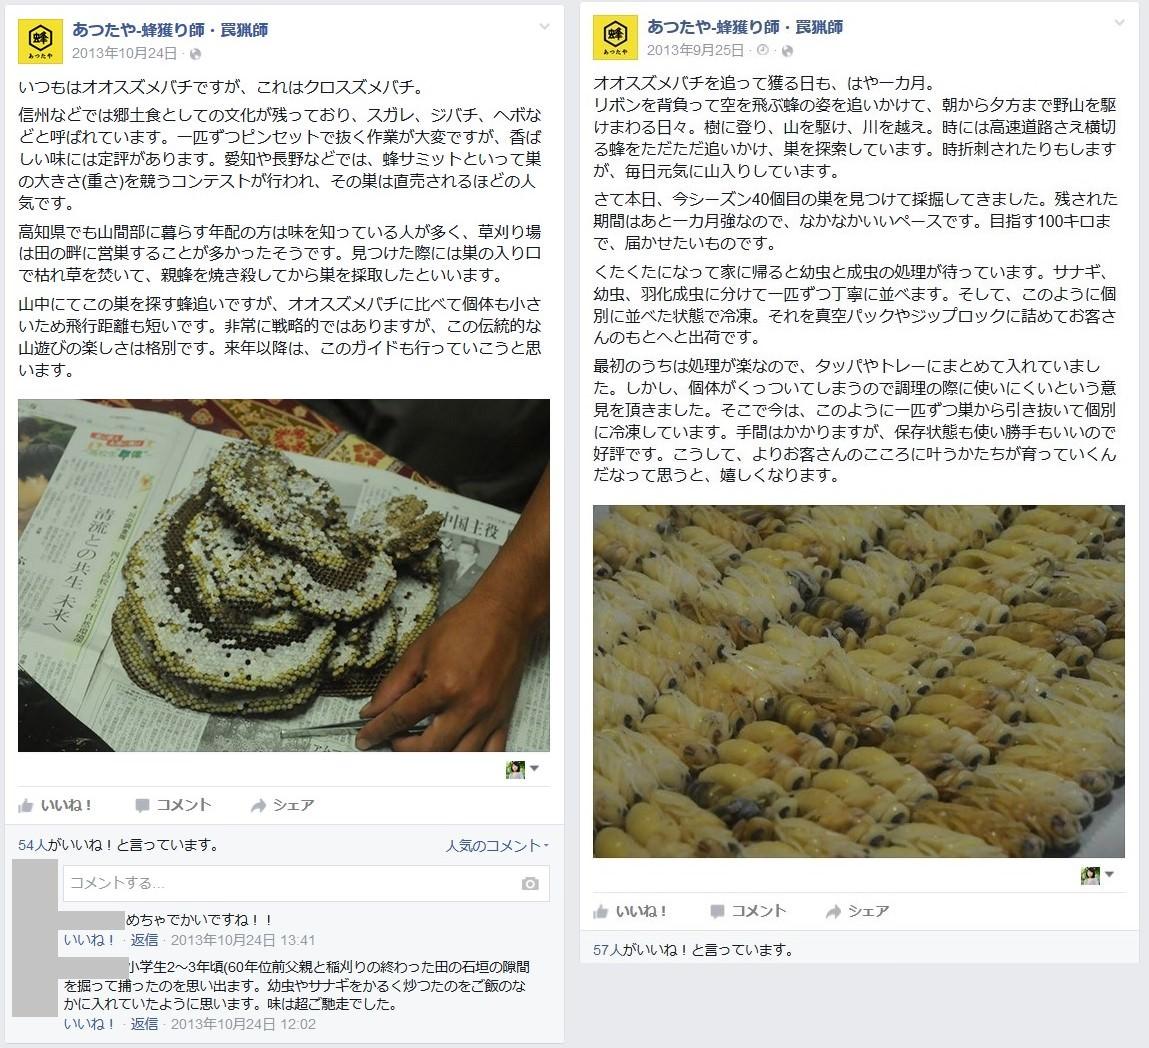 あつたや 蜂と巣のFacebookページ投稿